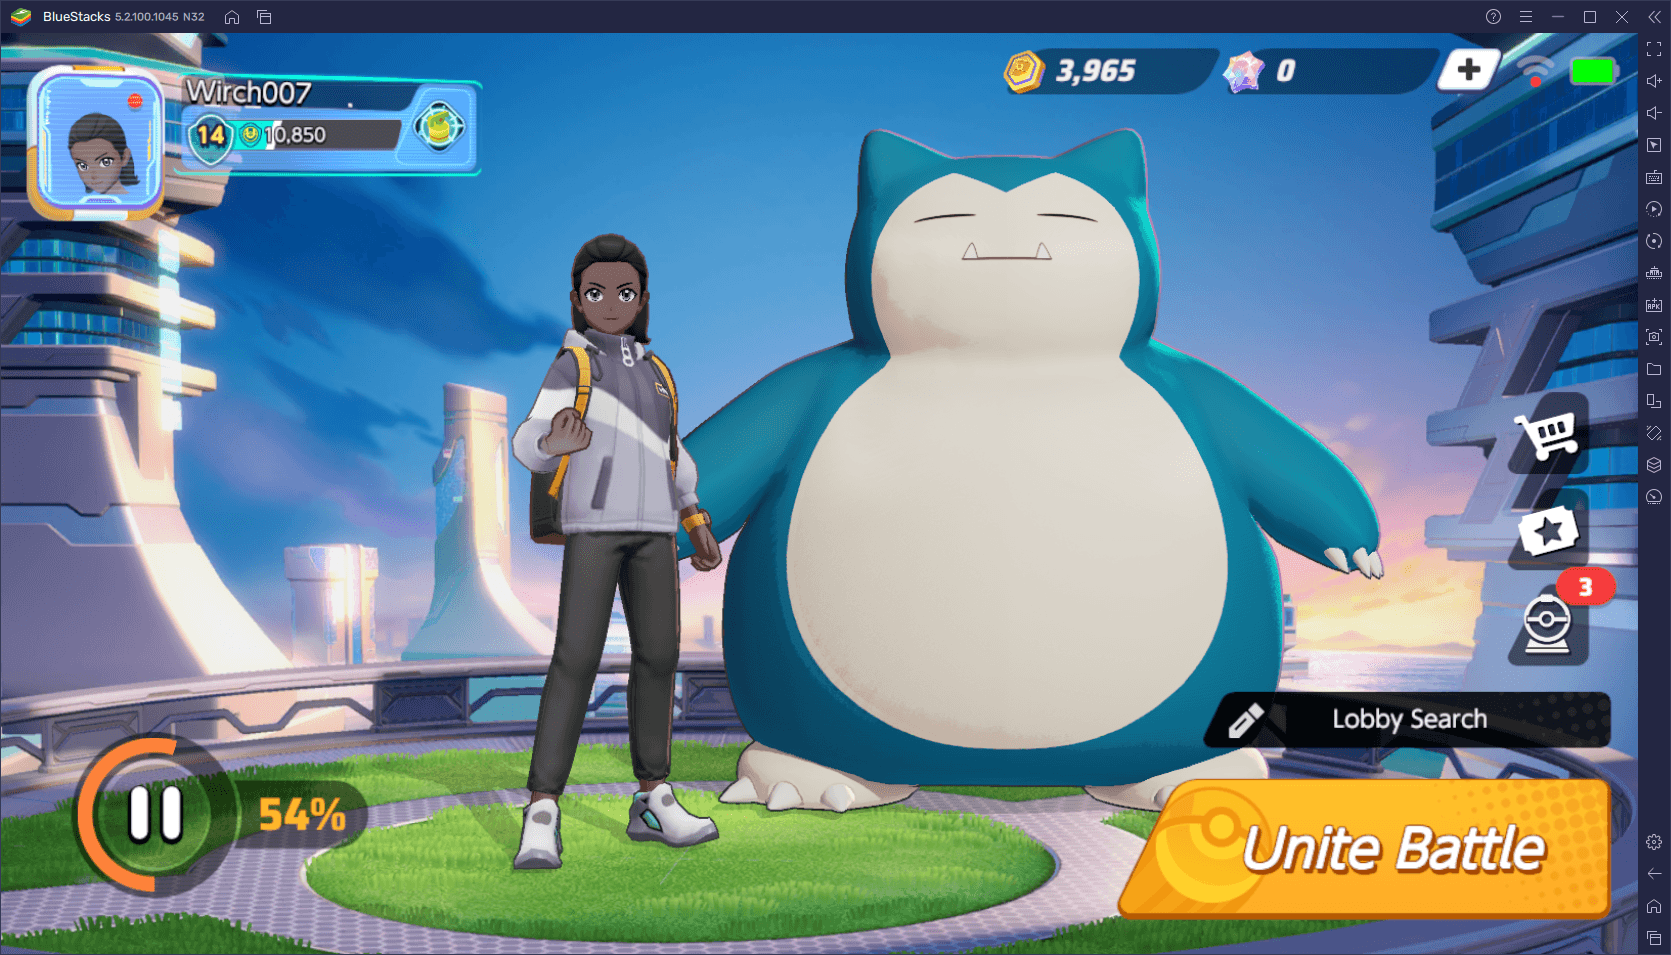 دليل المبتدئين في لعبة Pokémon Unite – أساسيات الفوز في المباريات